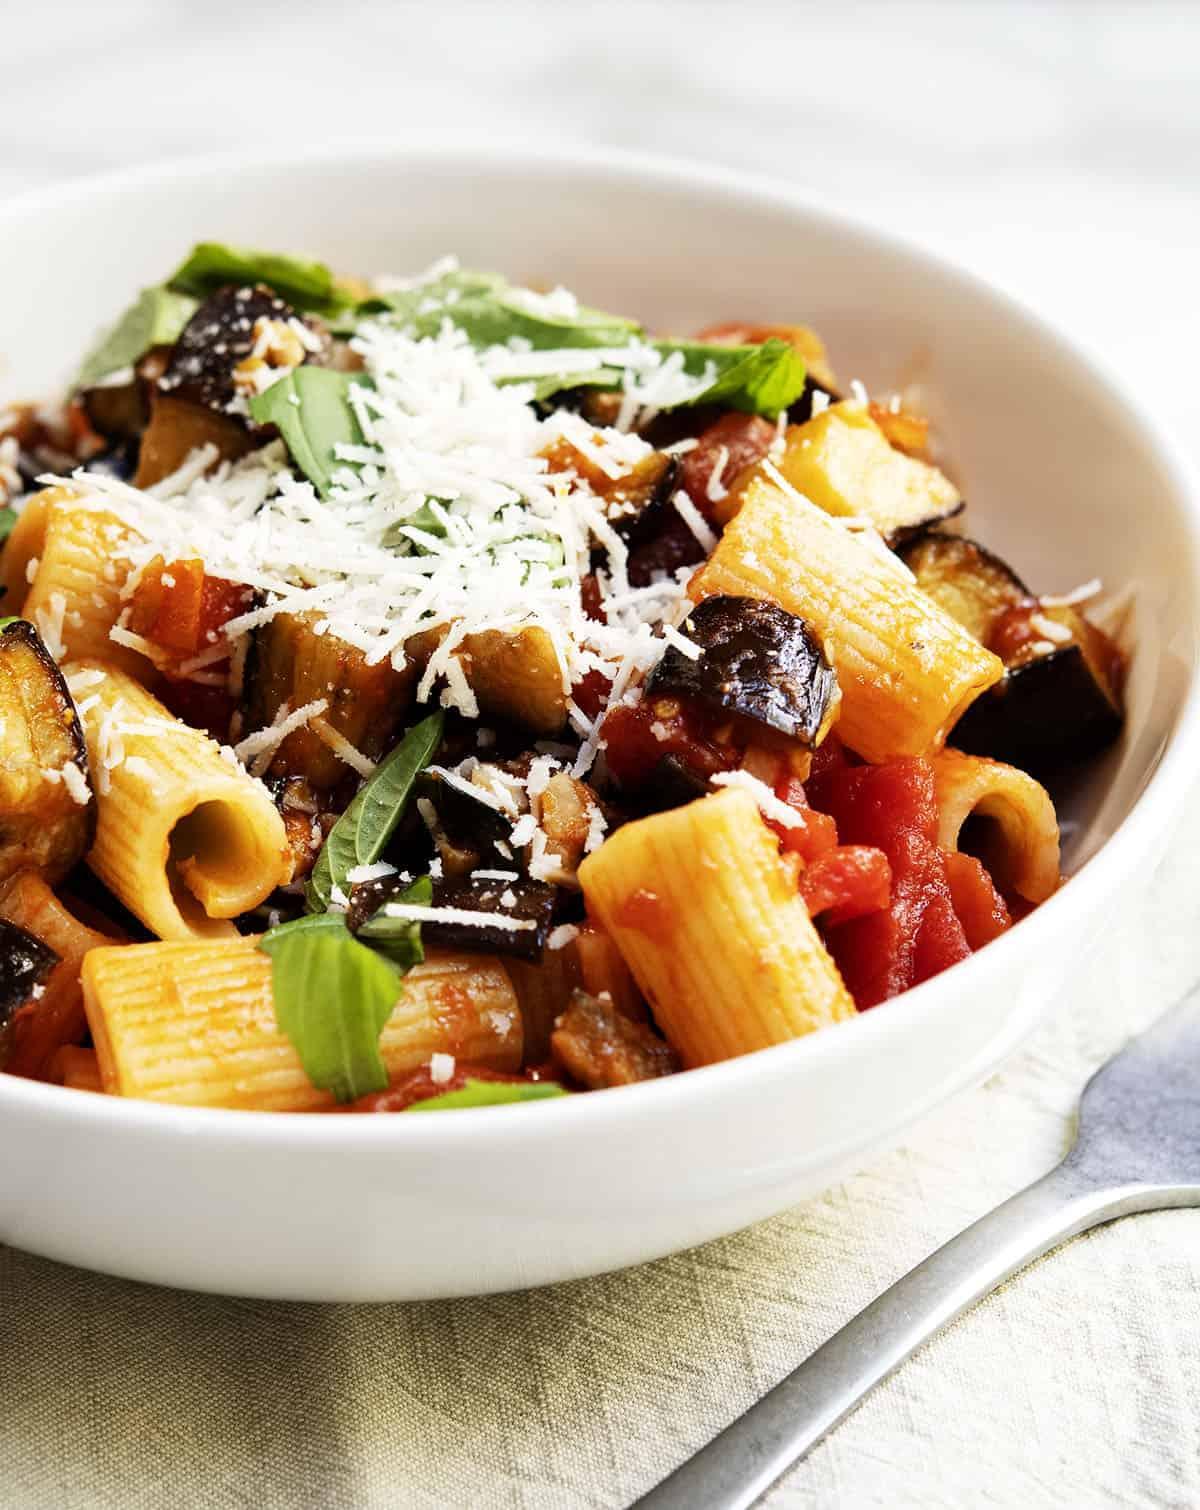 pasta alla norma served in a white bowl